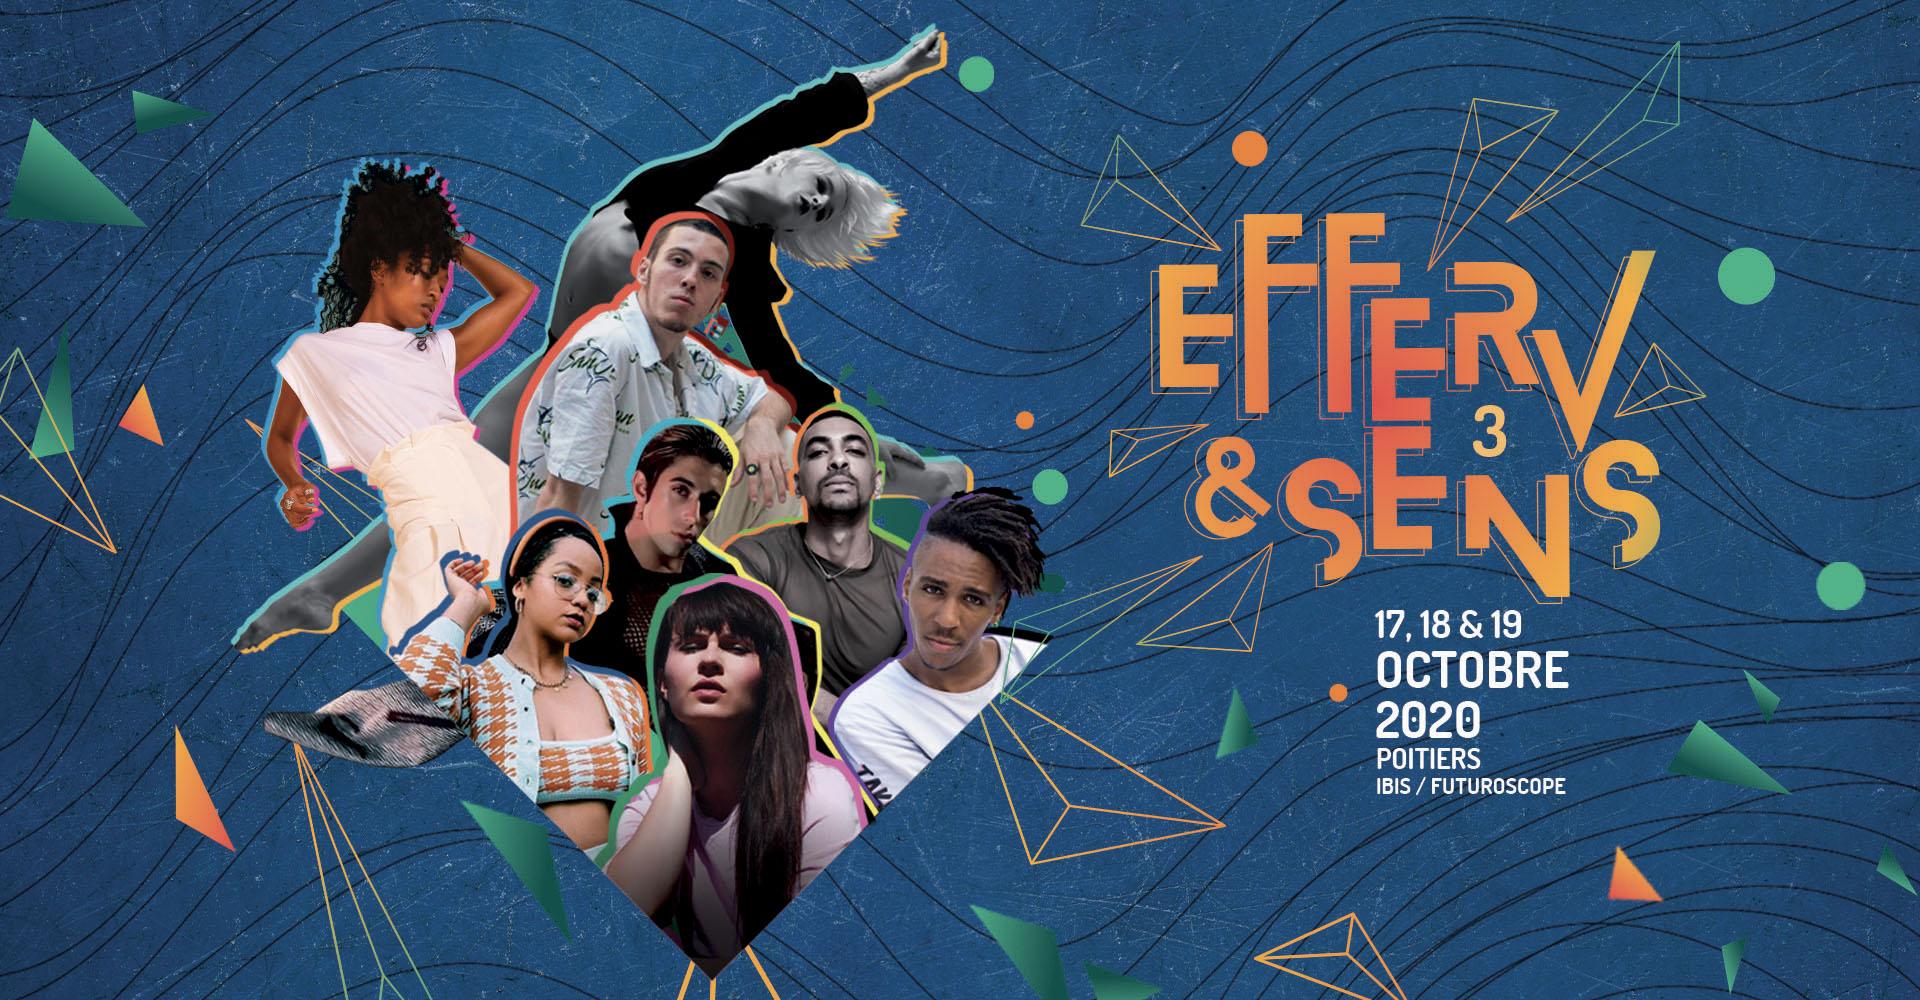 revivez l'édition 3 d'Efferv&Sens 2020